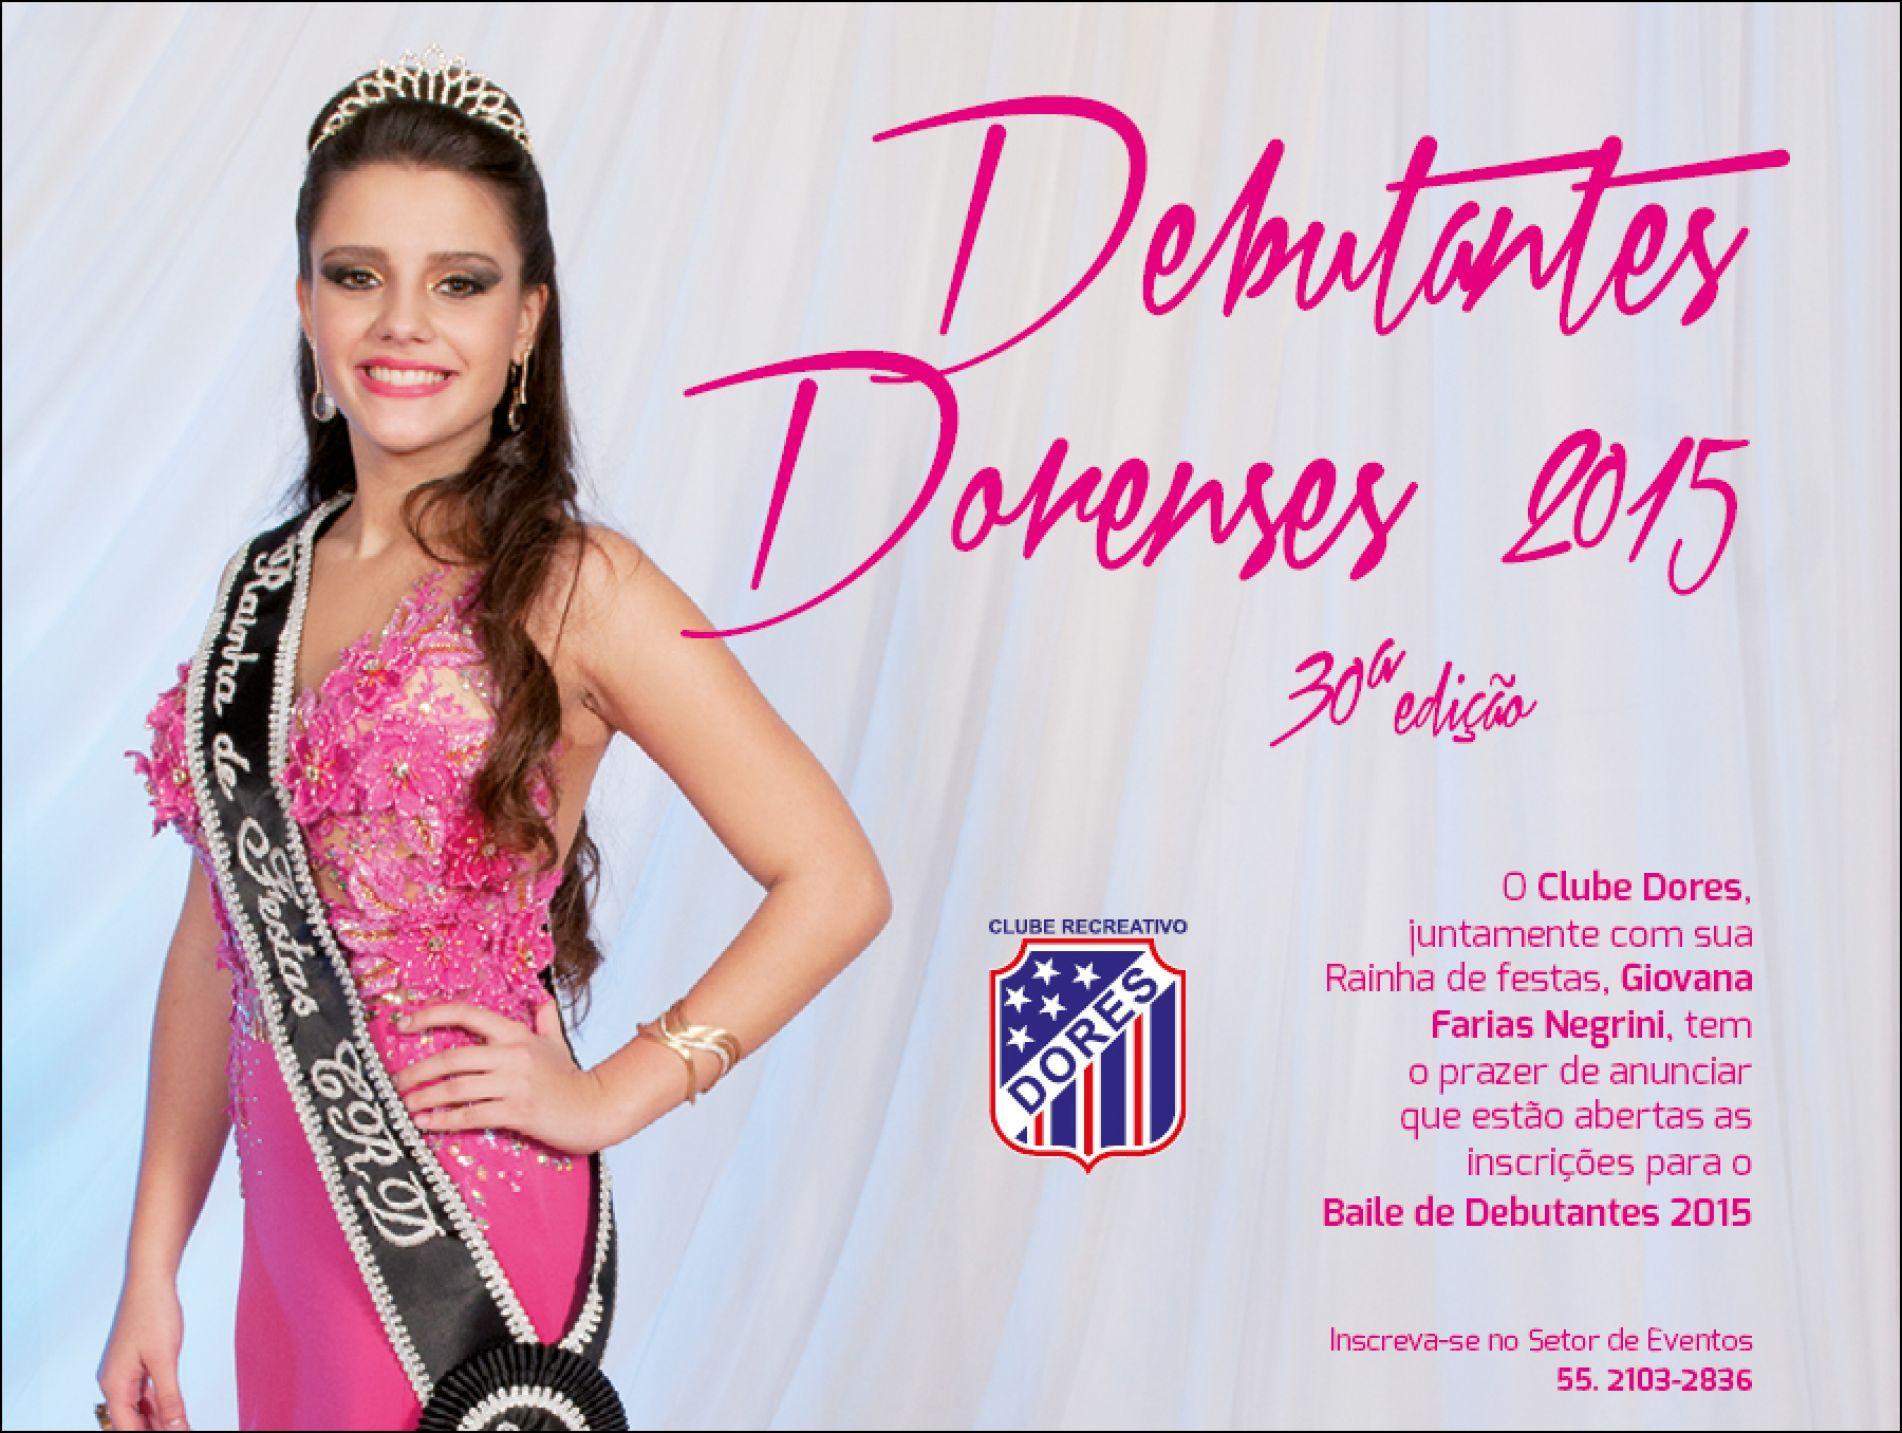 Debutantes Dorenses 2015: 30ª edição